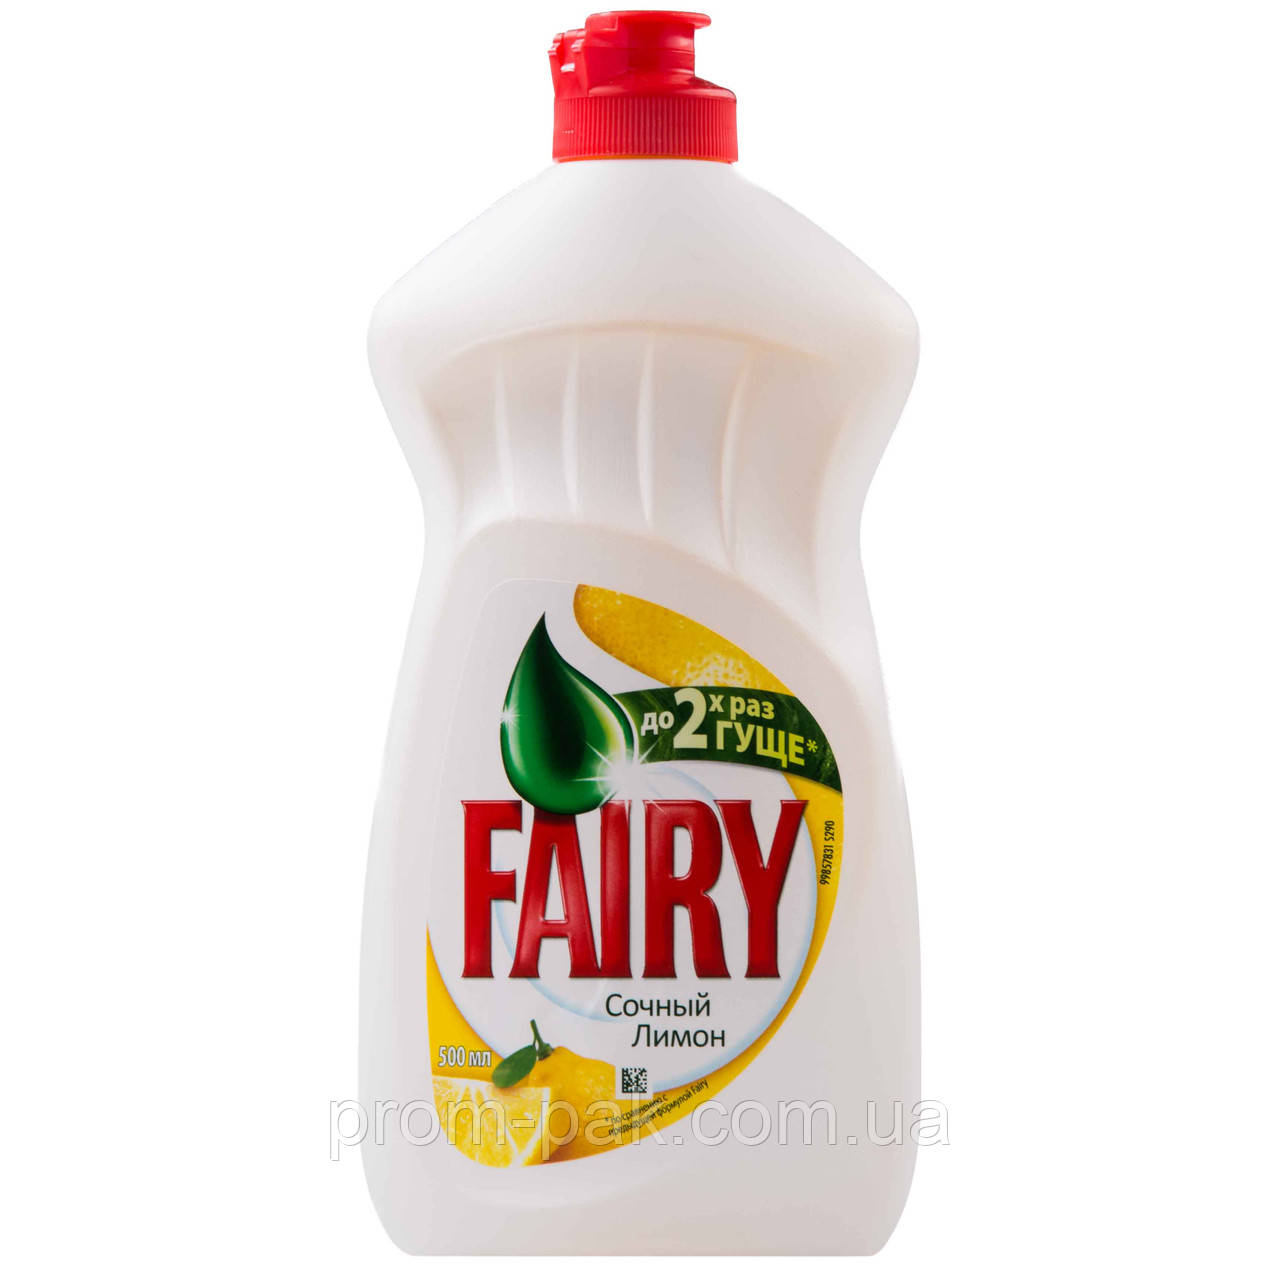 Средство моющее для посуды 500 мл Fairy сочный лимон